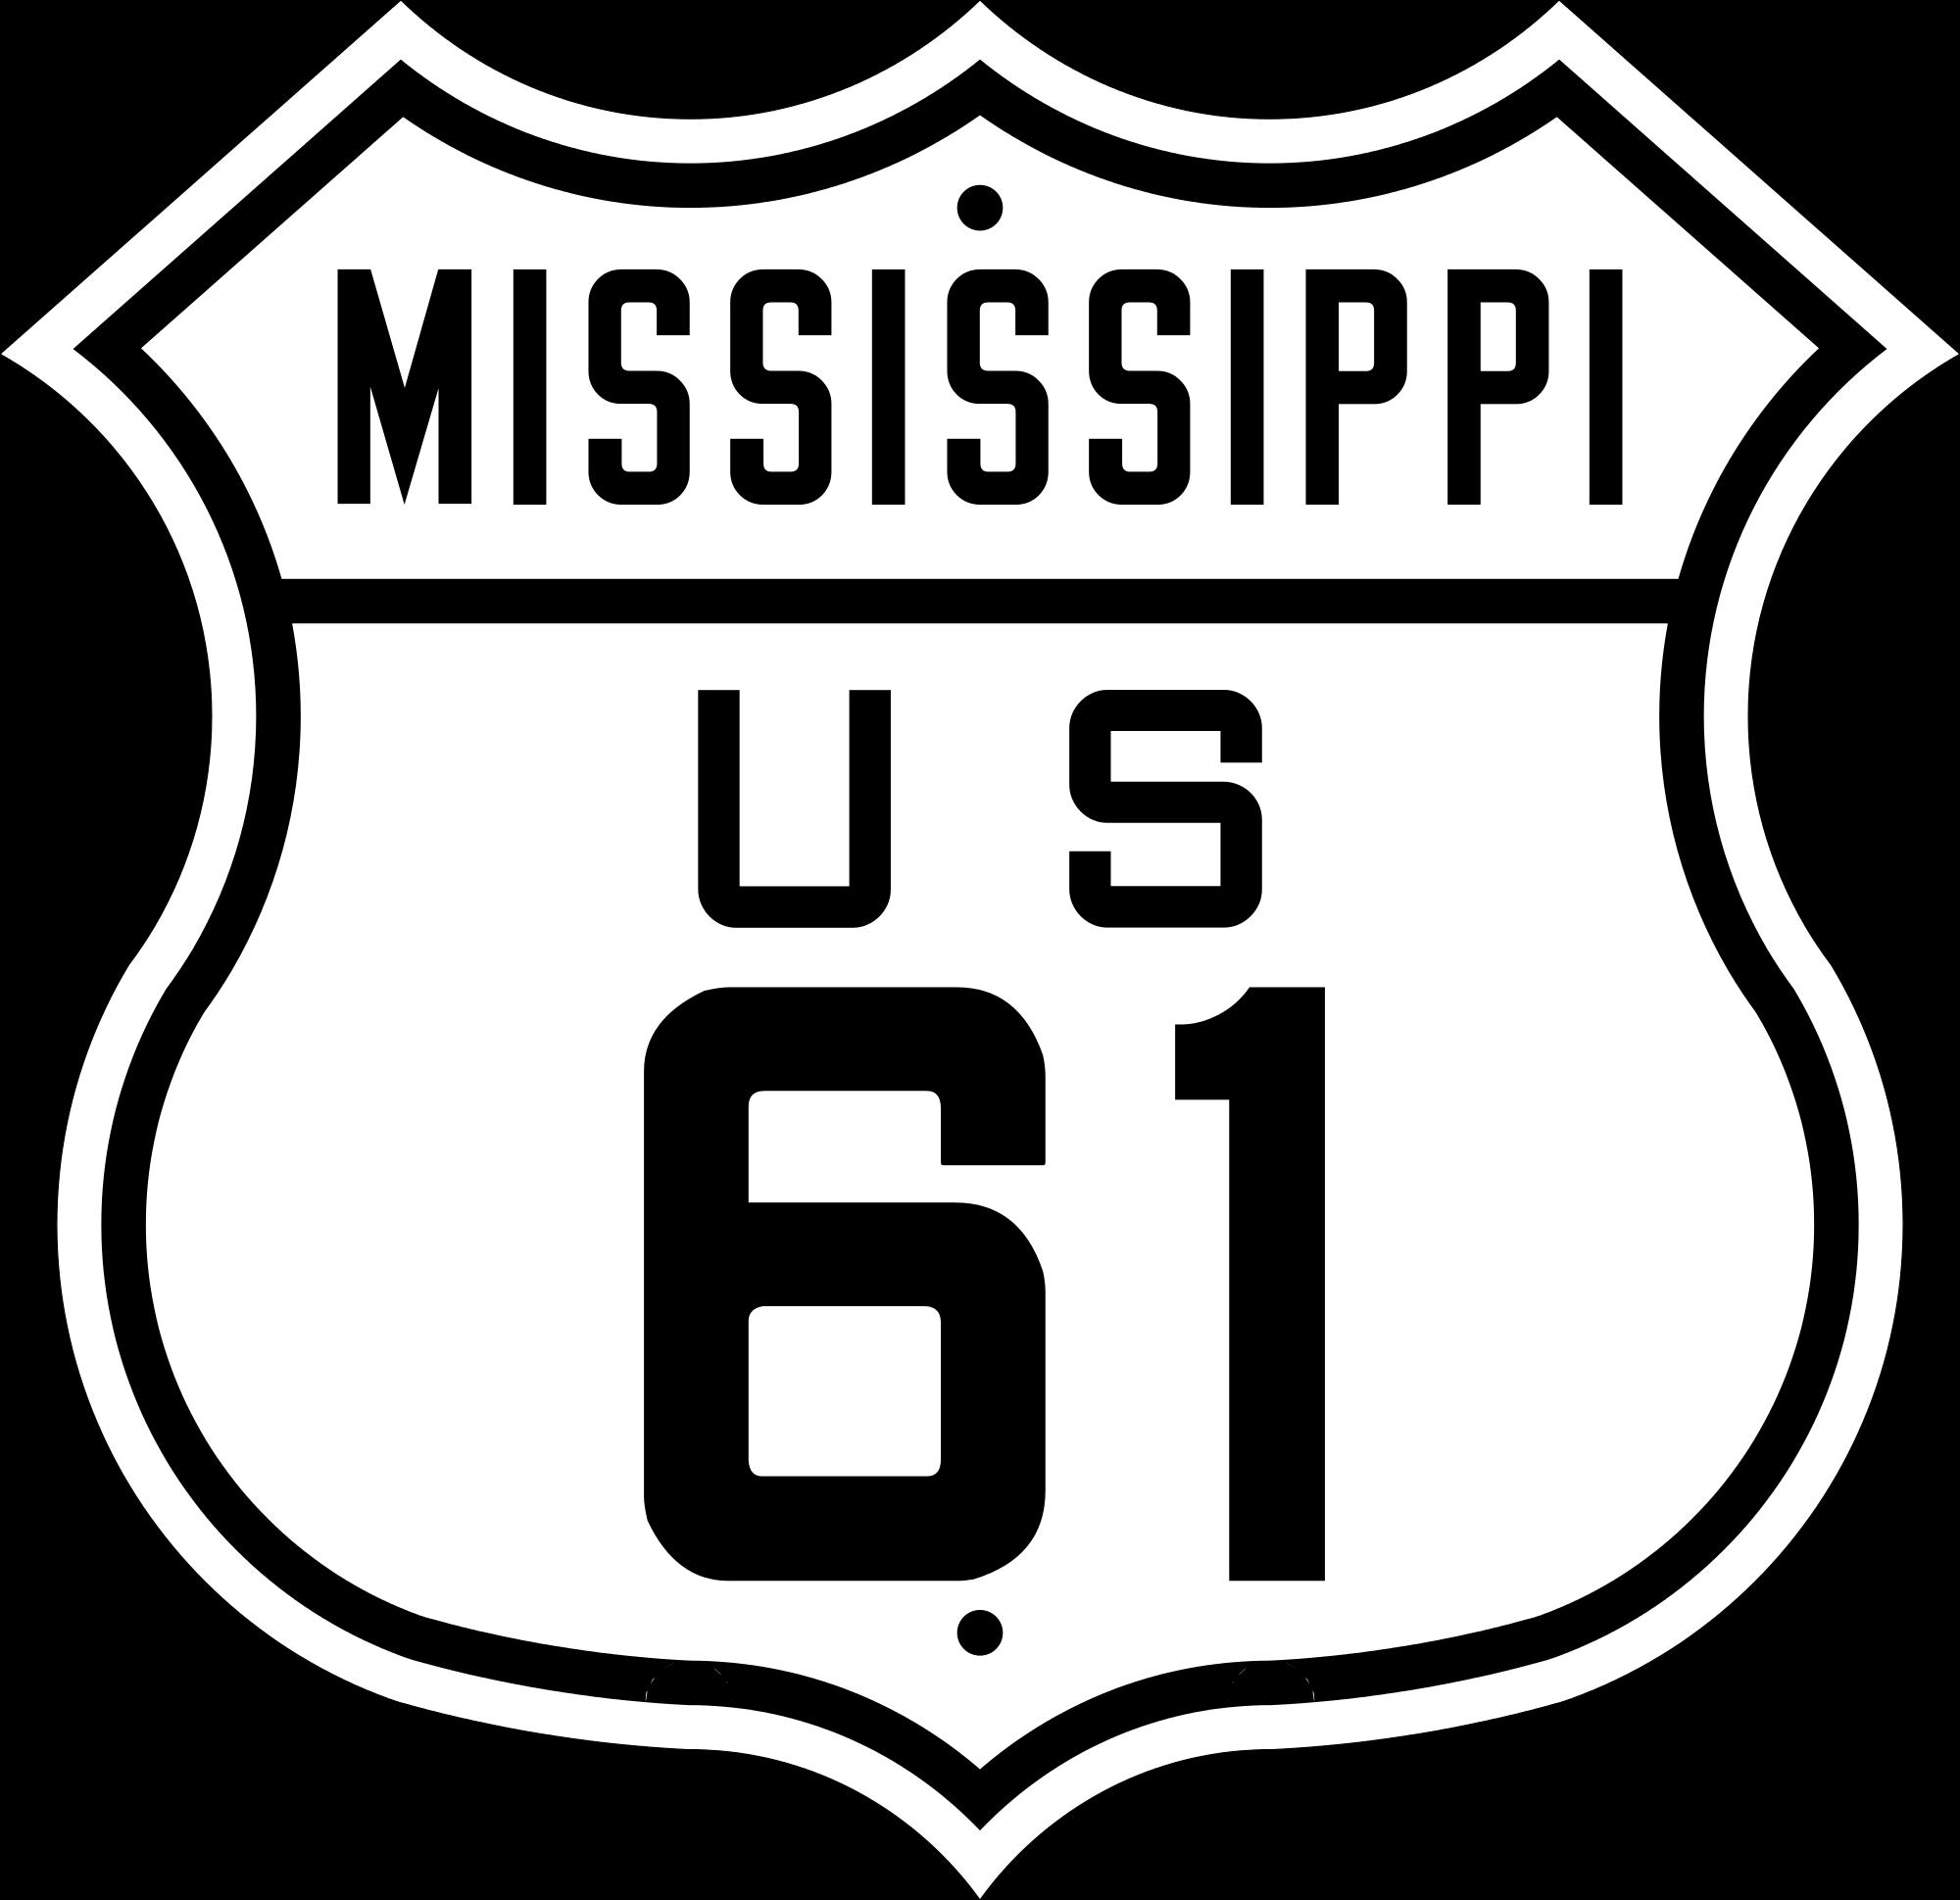 Highway clipart interstate highway. File us mississippi svg